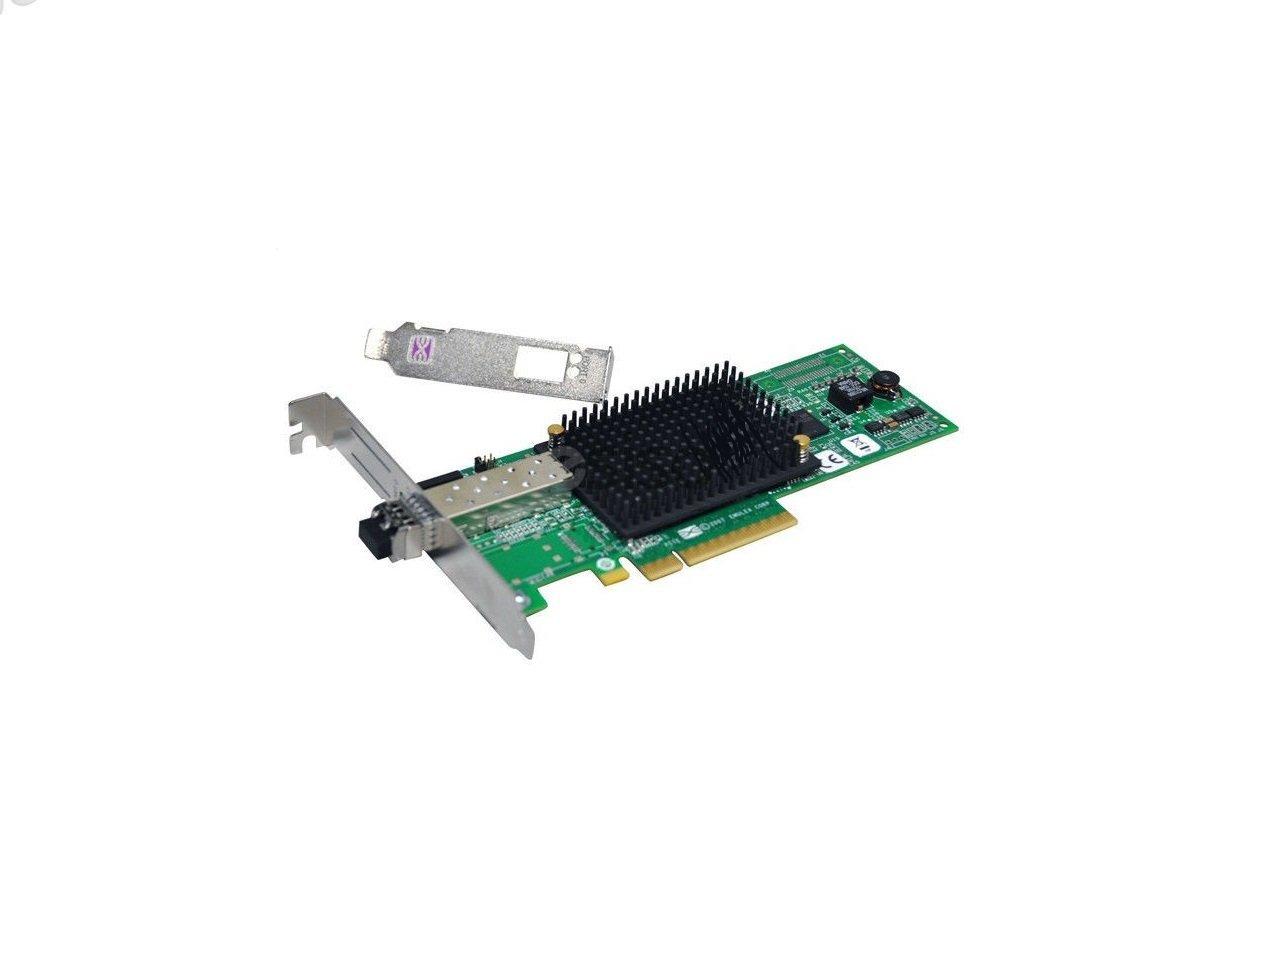 Emulex Công ty EMC lightpluse đơn kênh sợi quang Host Bus Adapter lpe1250-e cổng